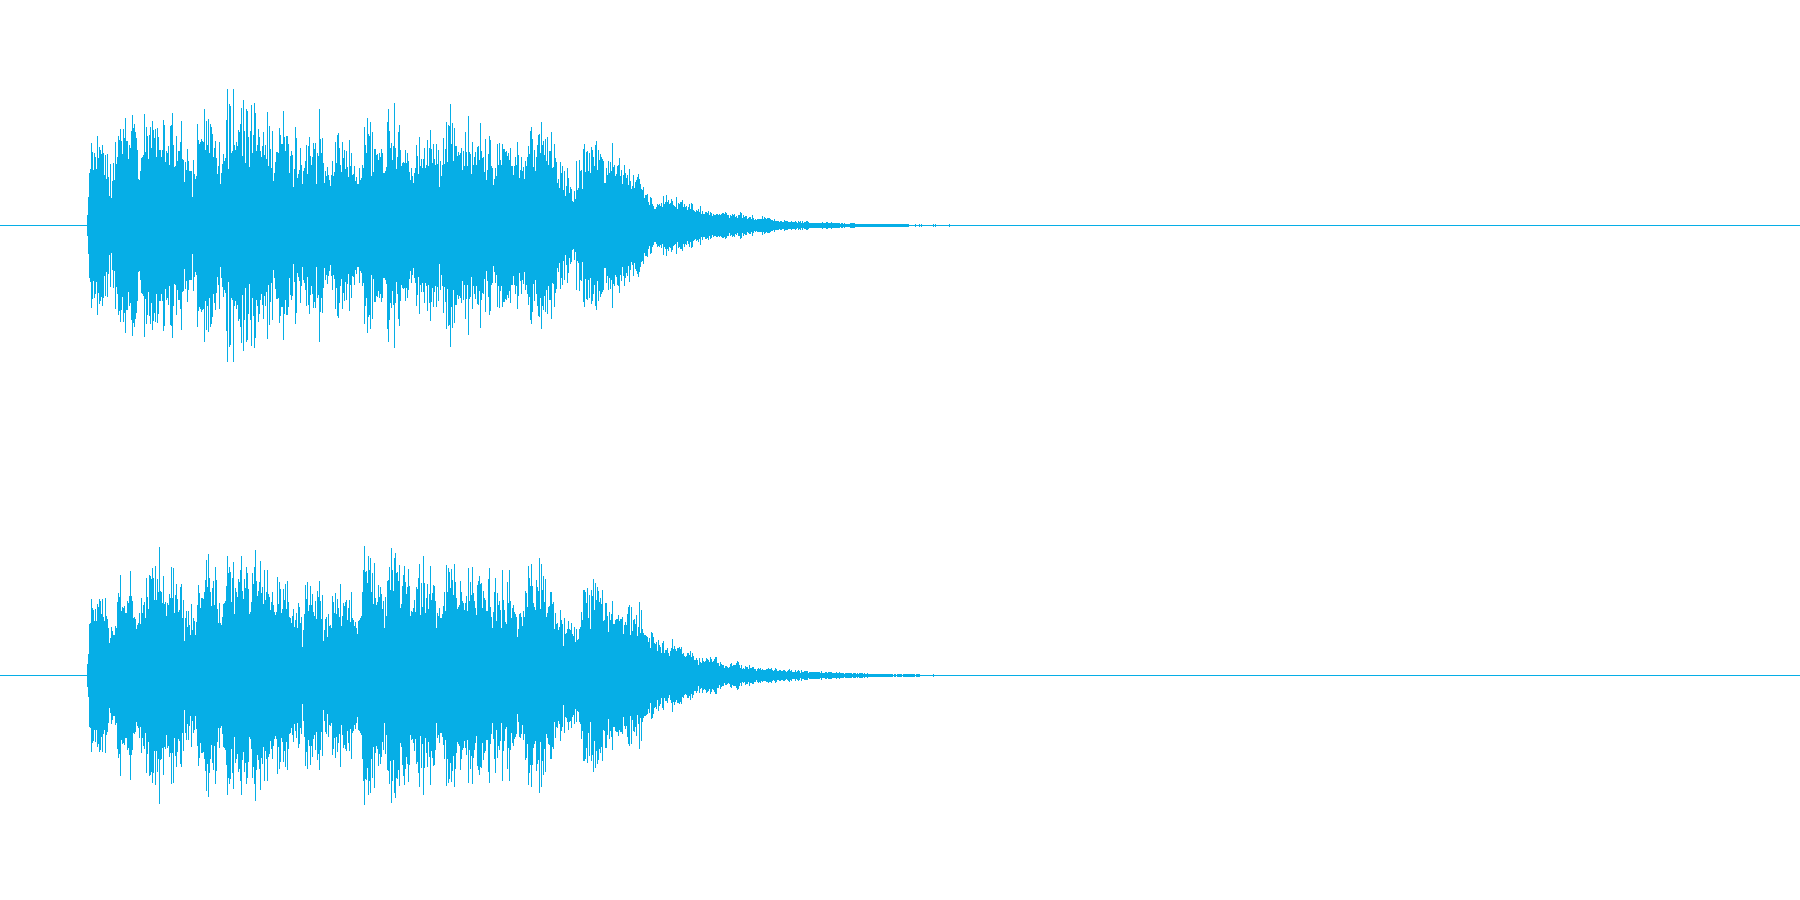 ジングル(不思議イメージ)の再生済みの波形